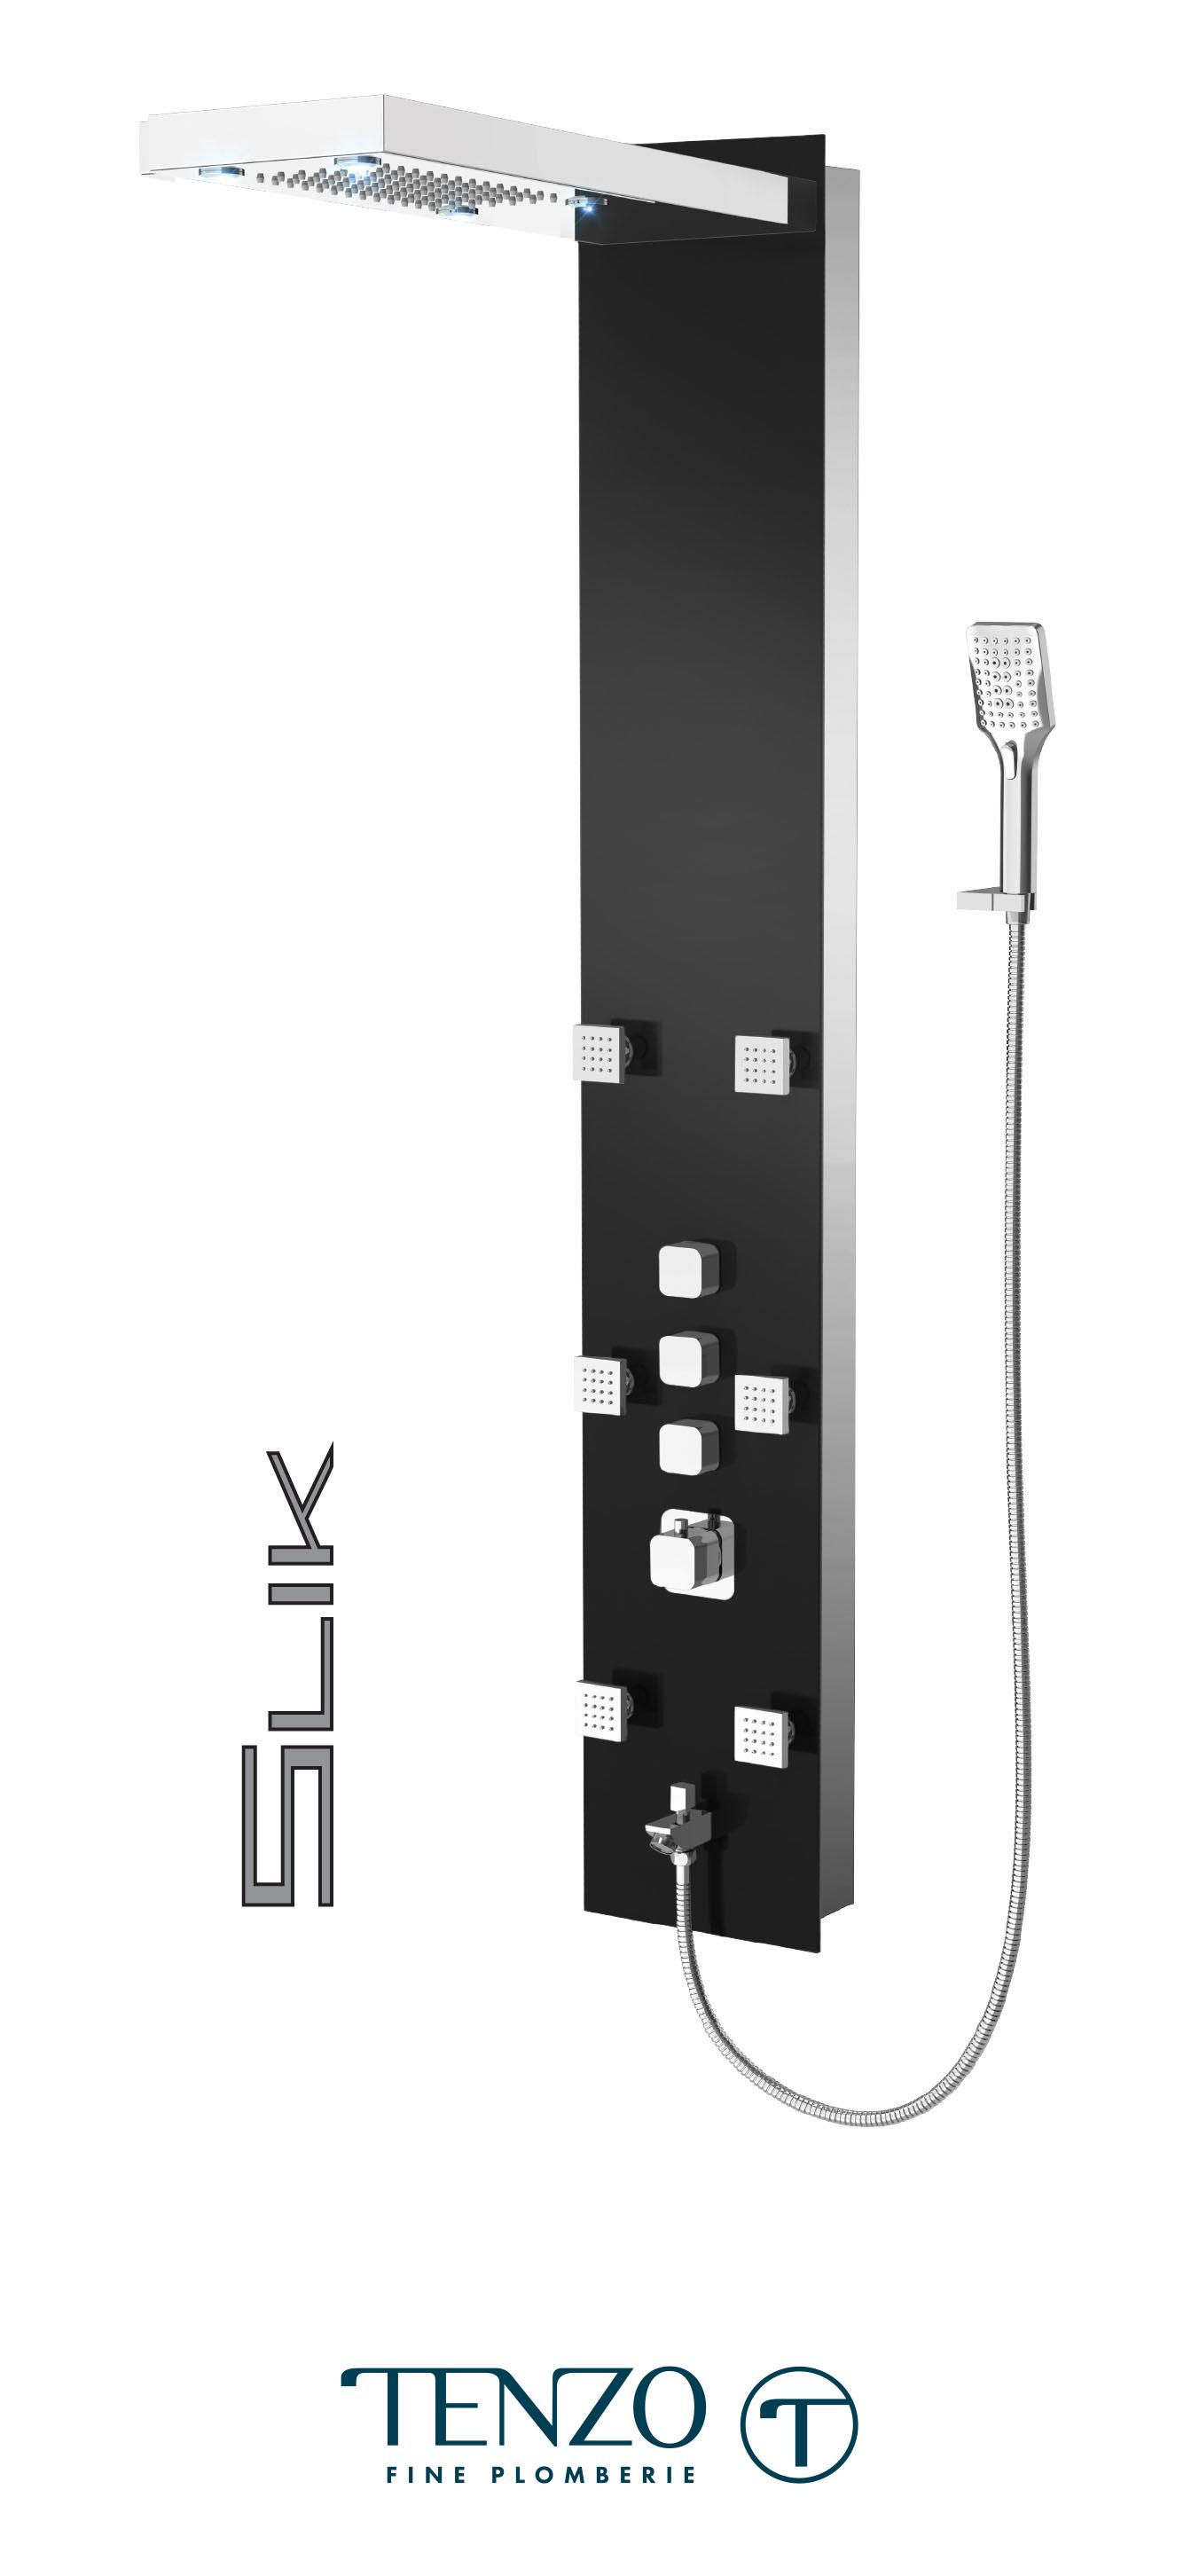 TZG1-XX-SL-3L - Colonne de douche - Verre trempé, 3 fonctions, Slik